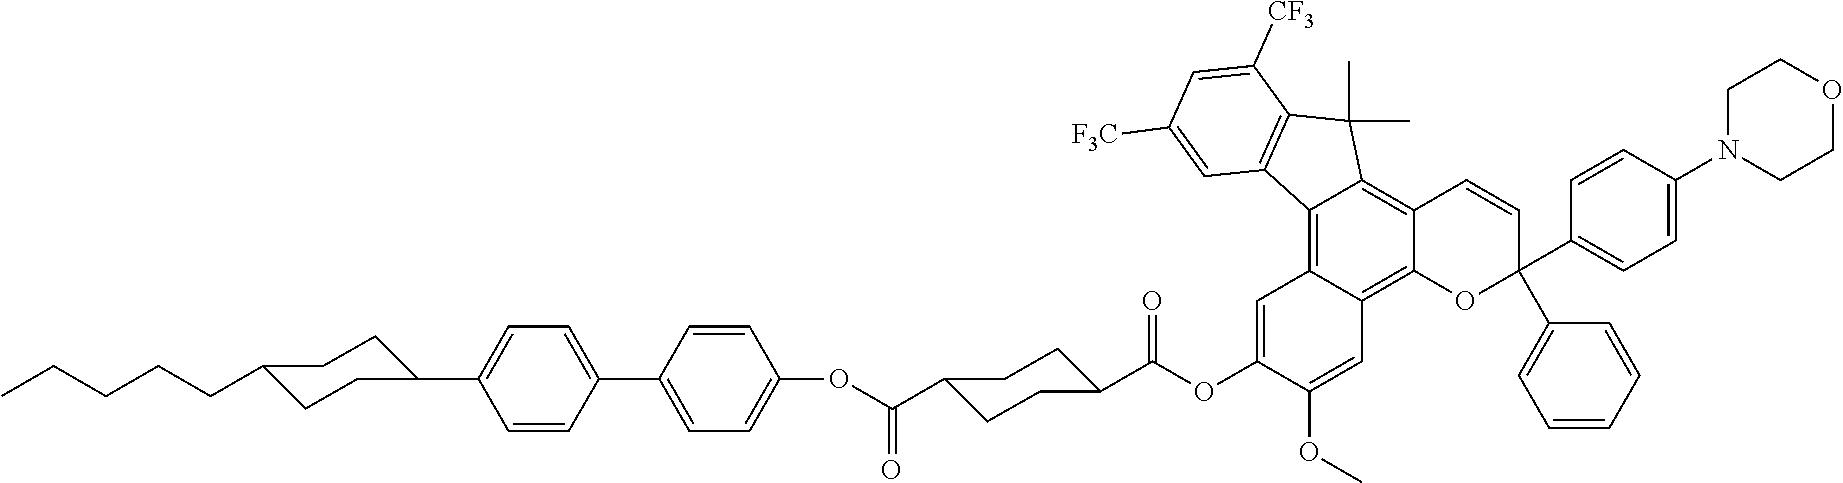 Figure US08518546-20130827-C00057